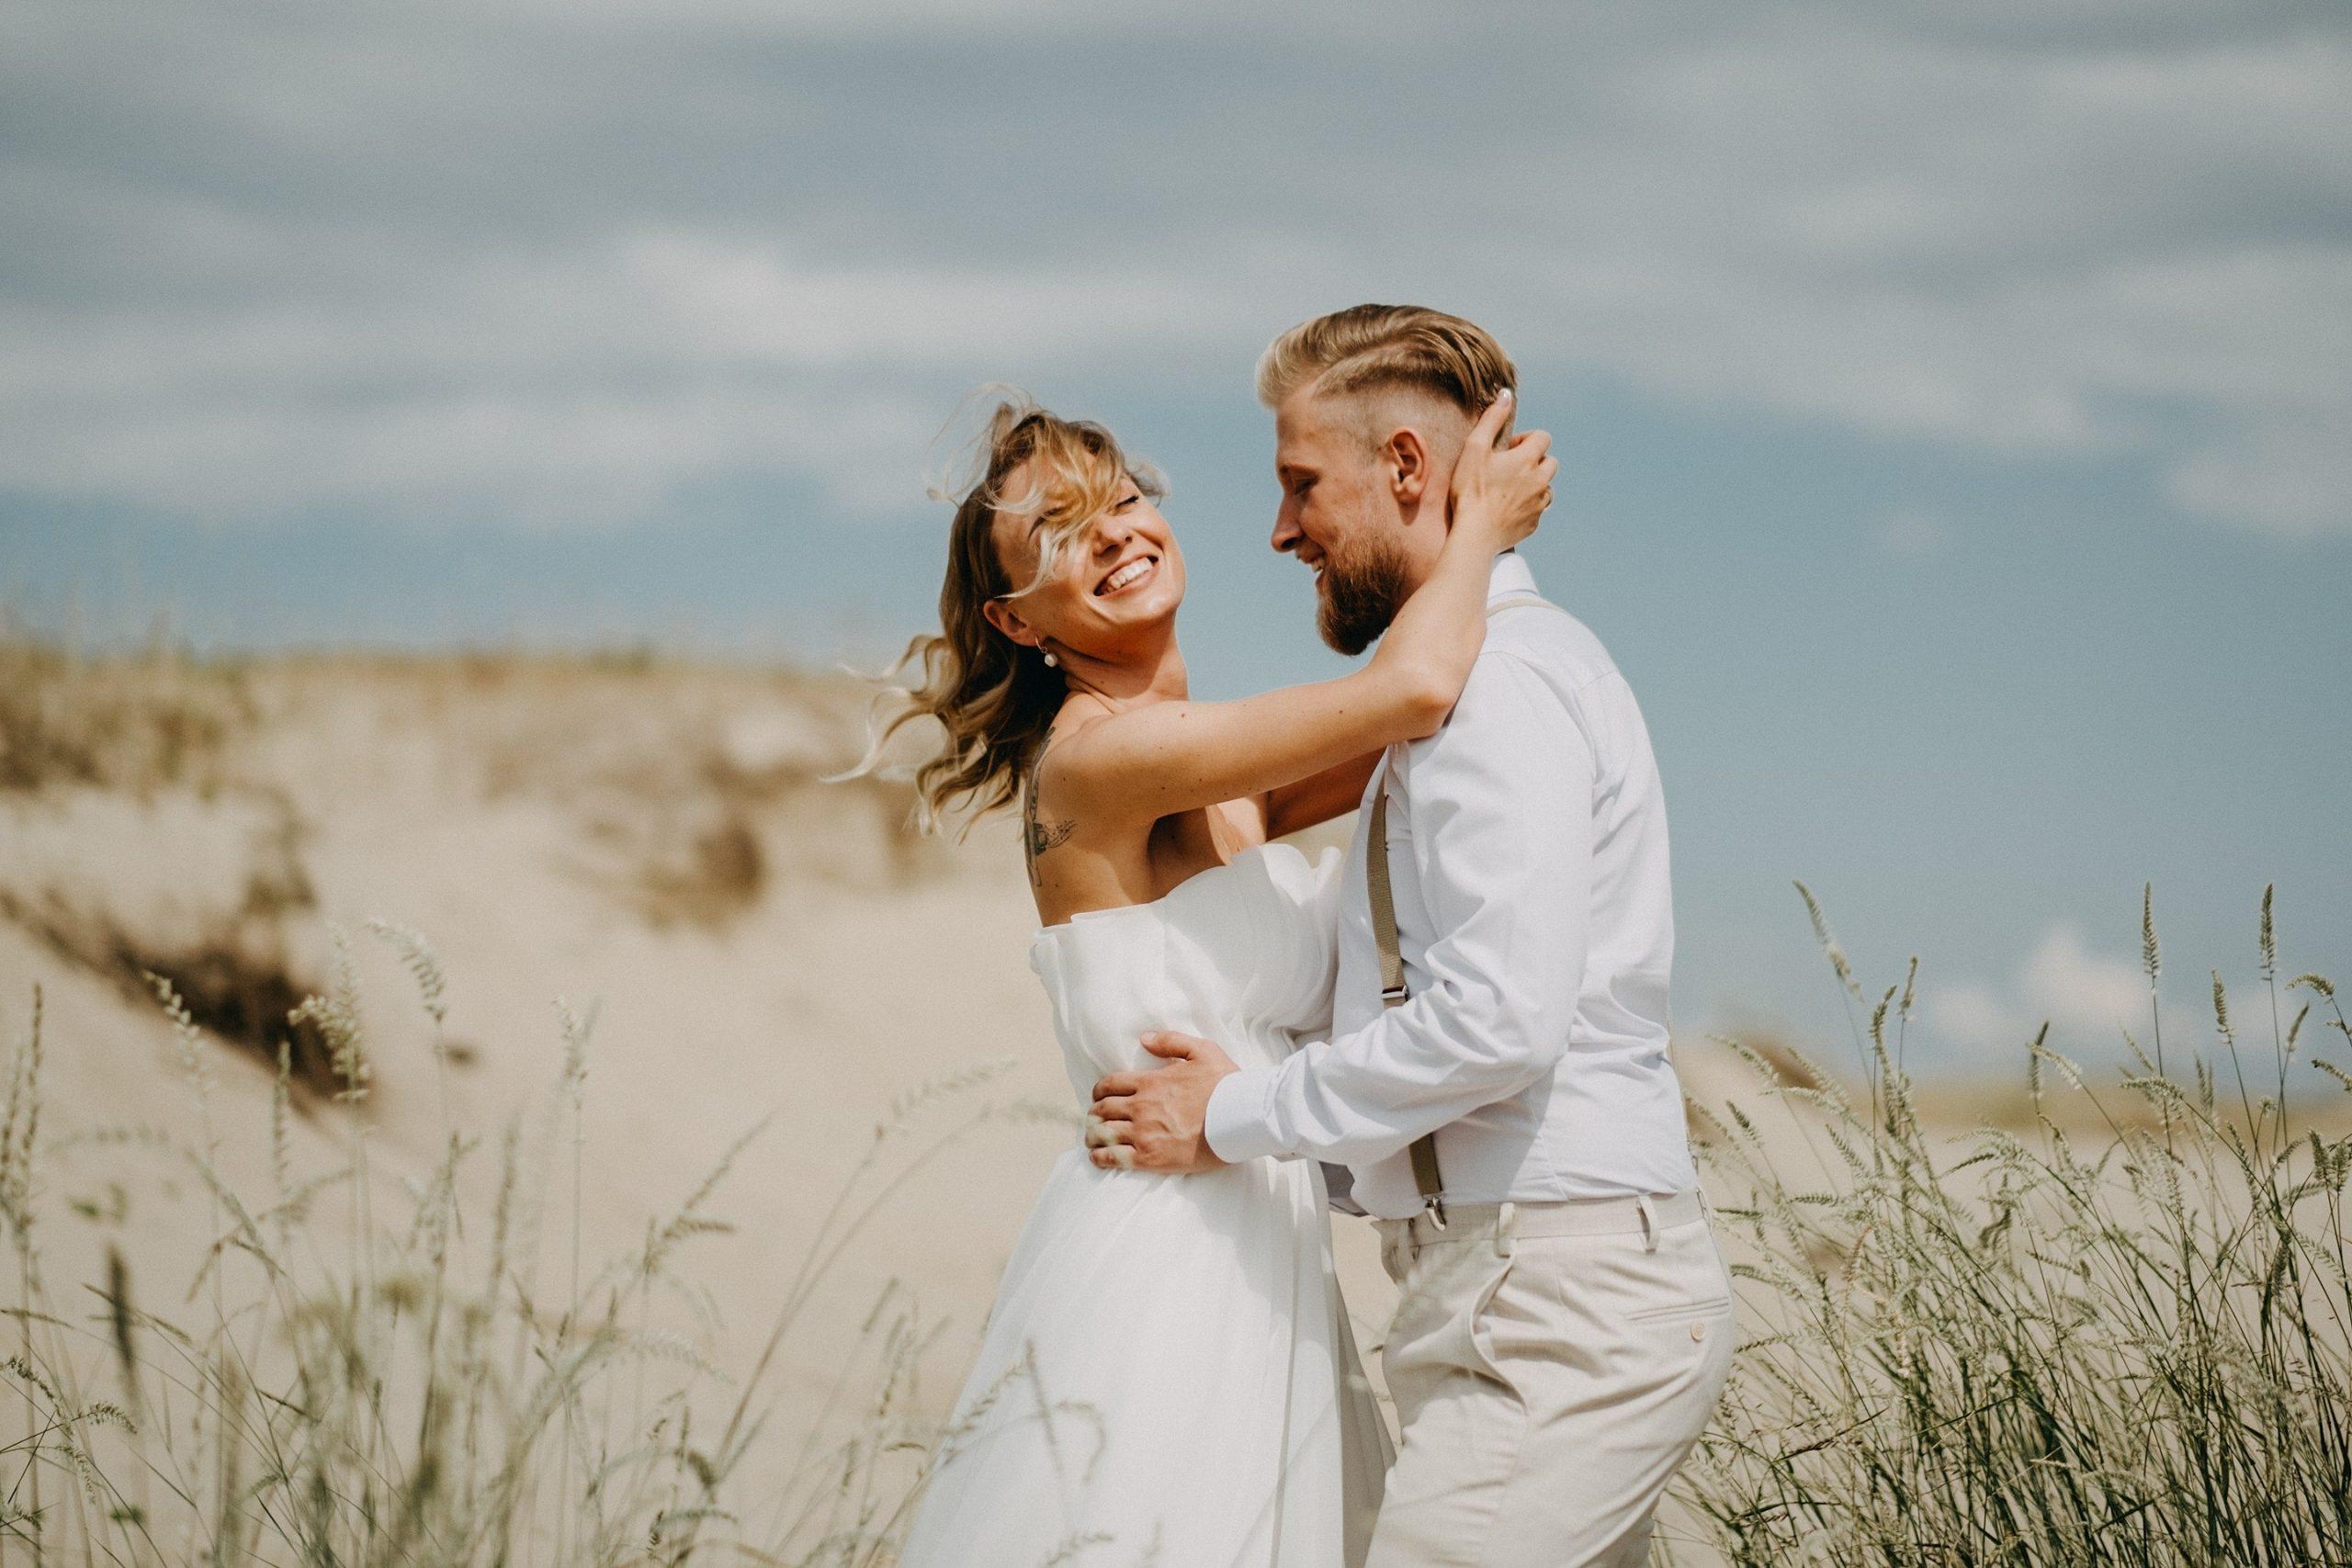 kopos smėlis nuotaka jaunieji vėjas saulė šukuosena šypsena plaukai petnešos geriausios nuotraukos fotografas Martynas Musteikis Nida